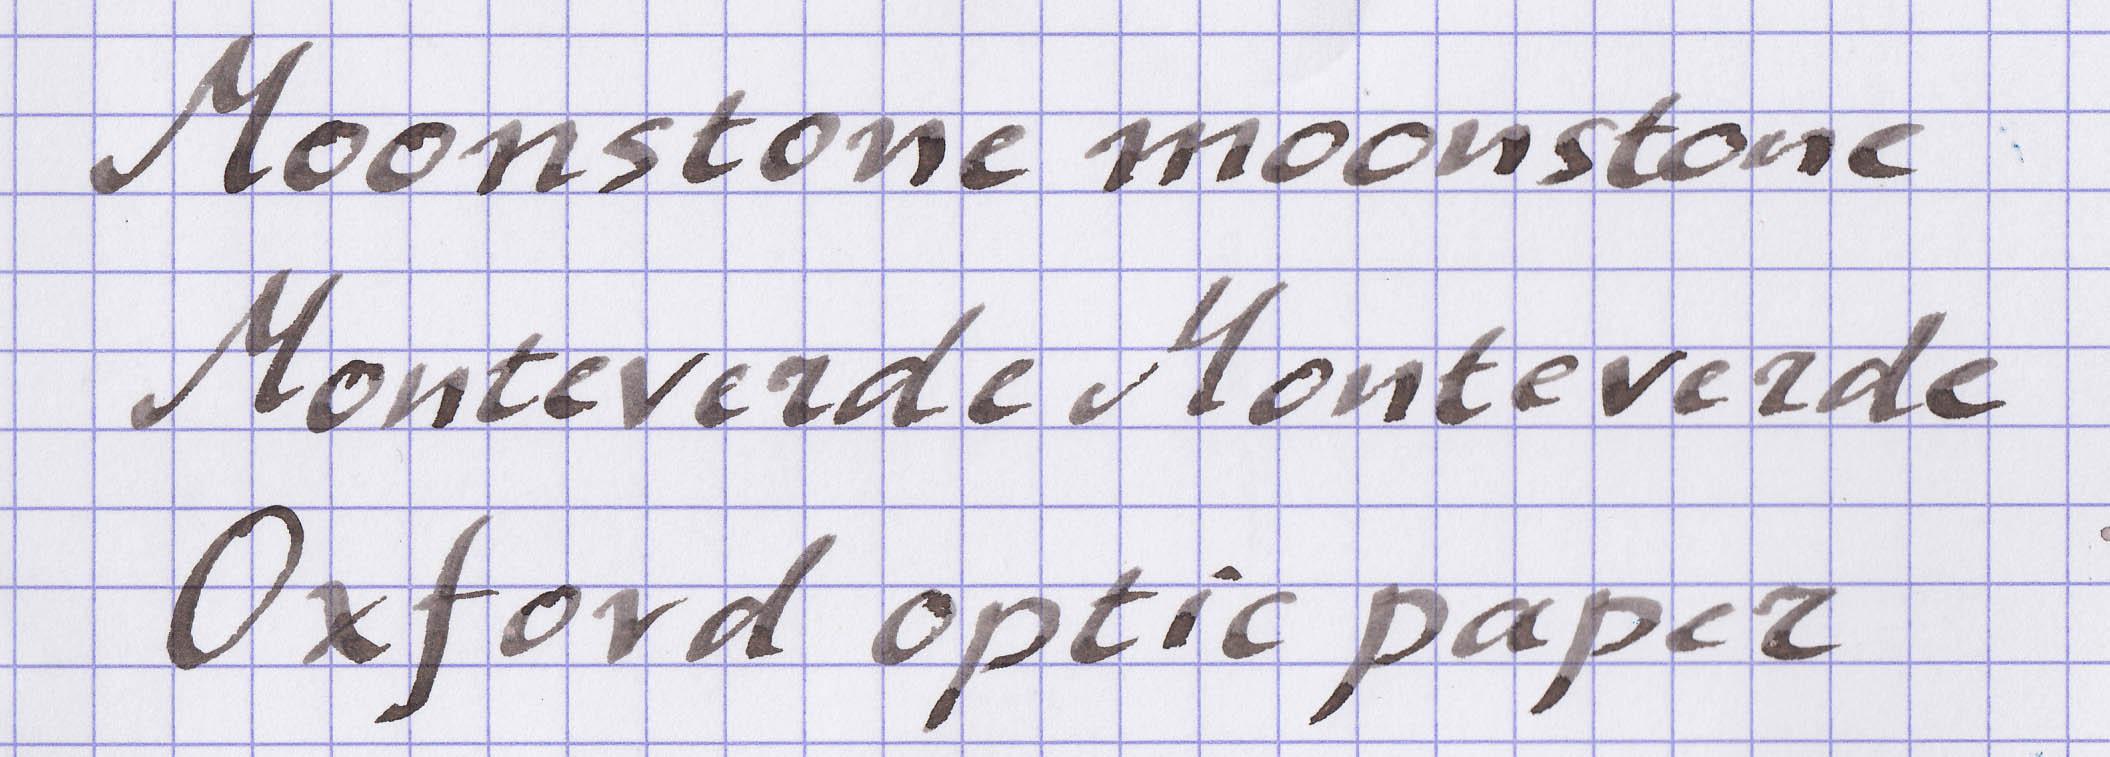 fpn_1498373285__moonstone_monteverde_ox.